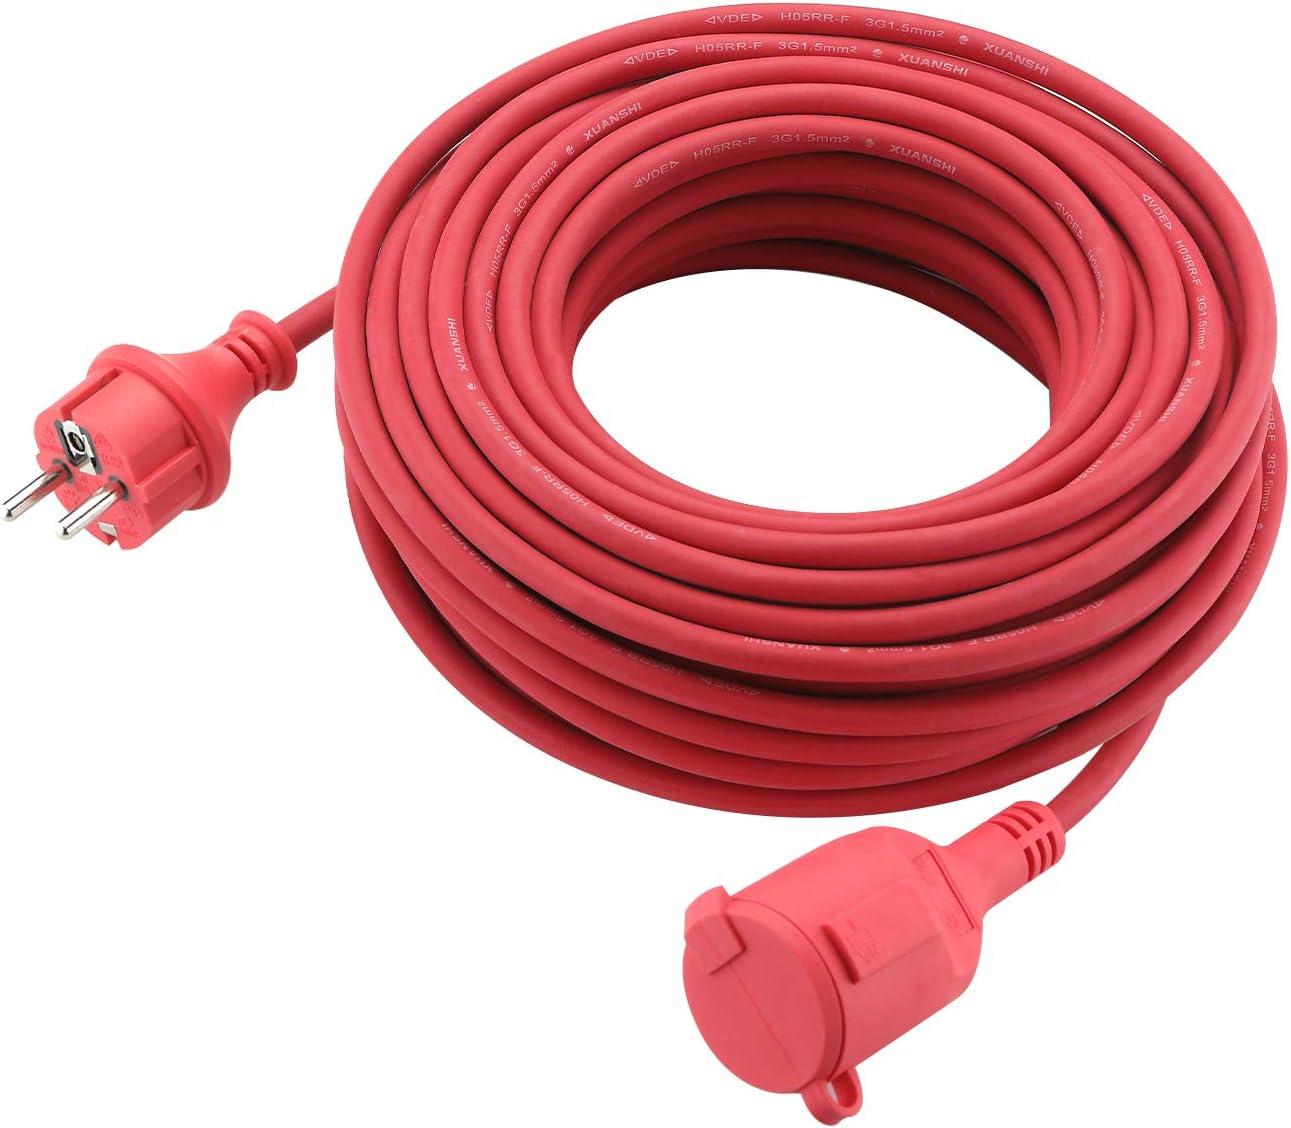 Verl/ängerungskabel Schuko Verl/ängerung Gummi Kabel f/ür den Au/ßenbereich IP44 H05RR-F 3G 1,5mm 5M, Rot